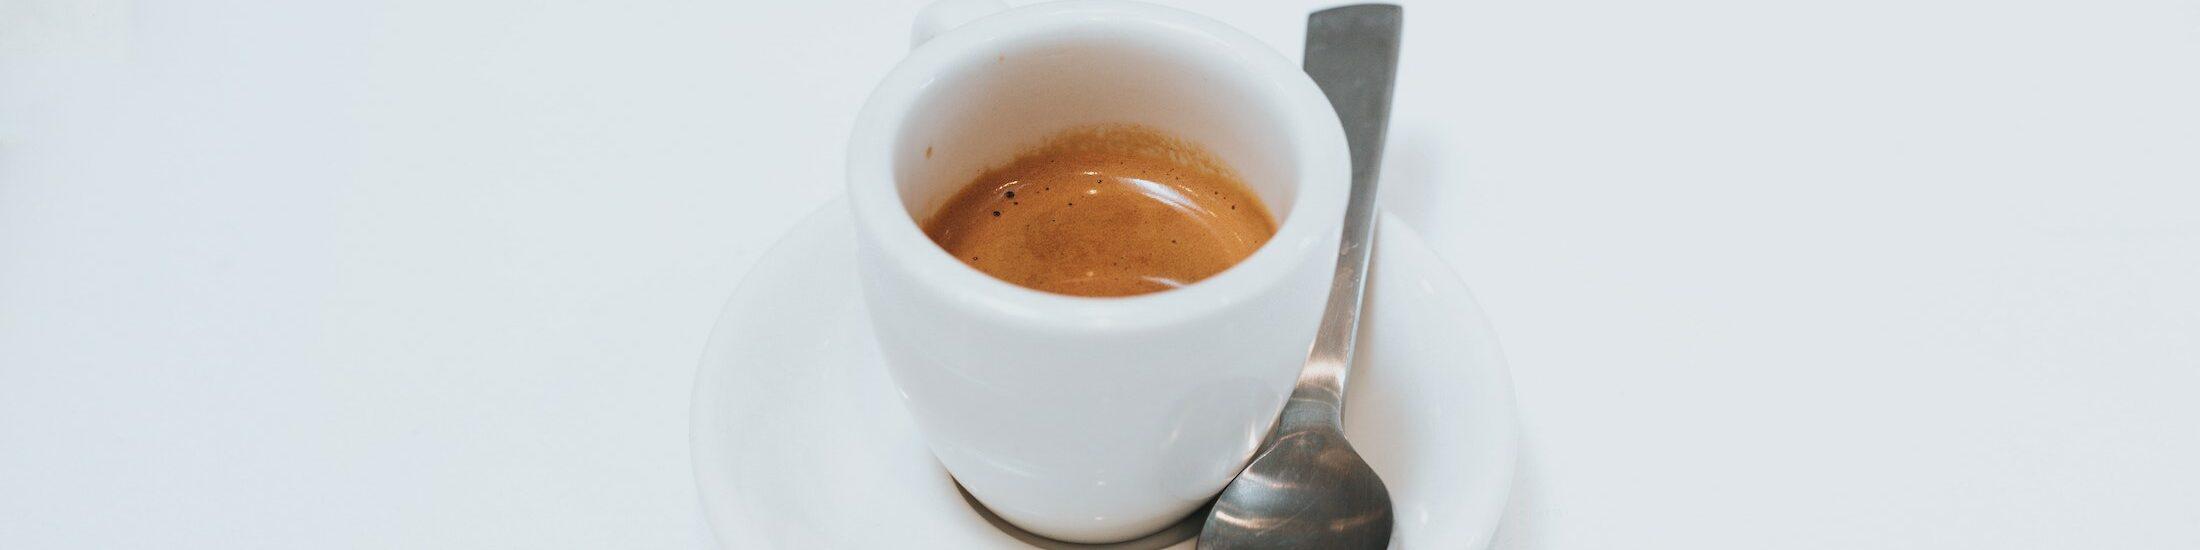 Eine Tasse Espresso auf vor weißem Hintergrund. Das Ambiente beim Kaffeetrinken spielt eine große Rolle für unsere Wahrnehmung